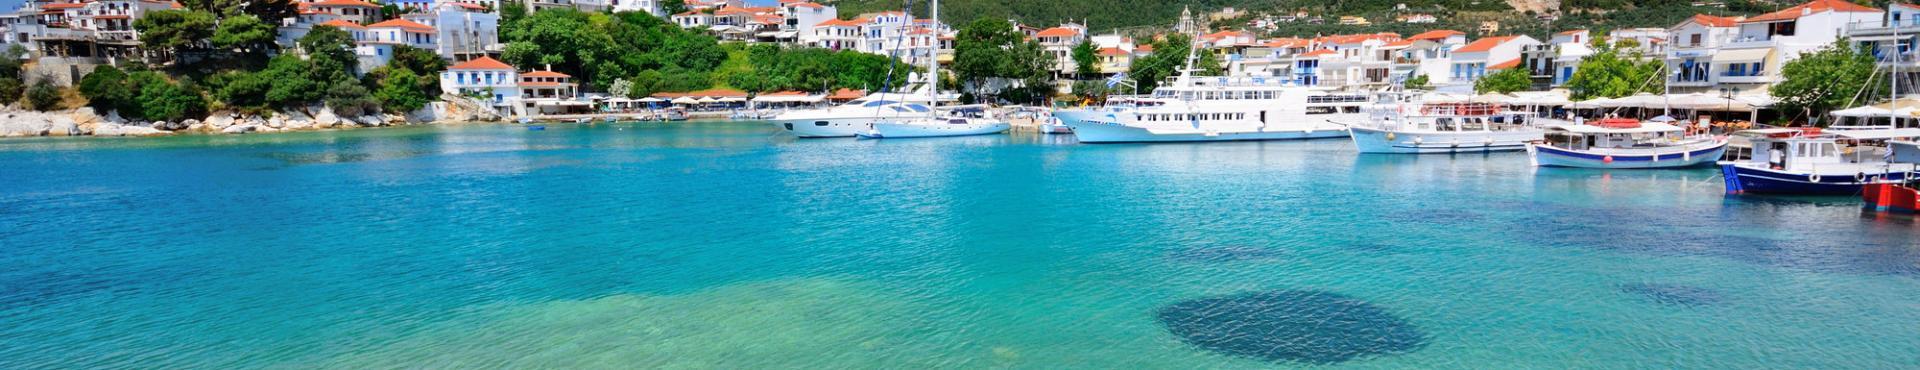 Evia i Sporades otoci